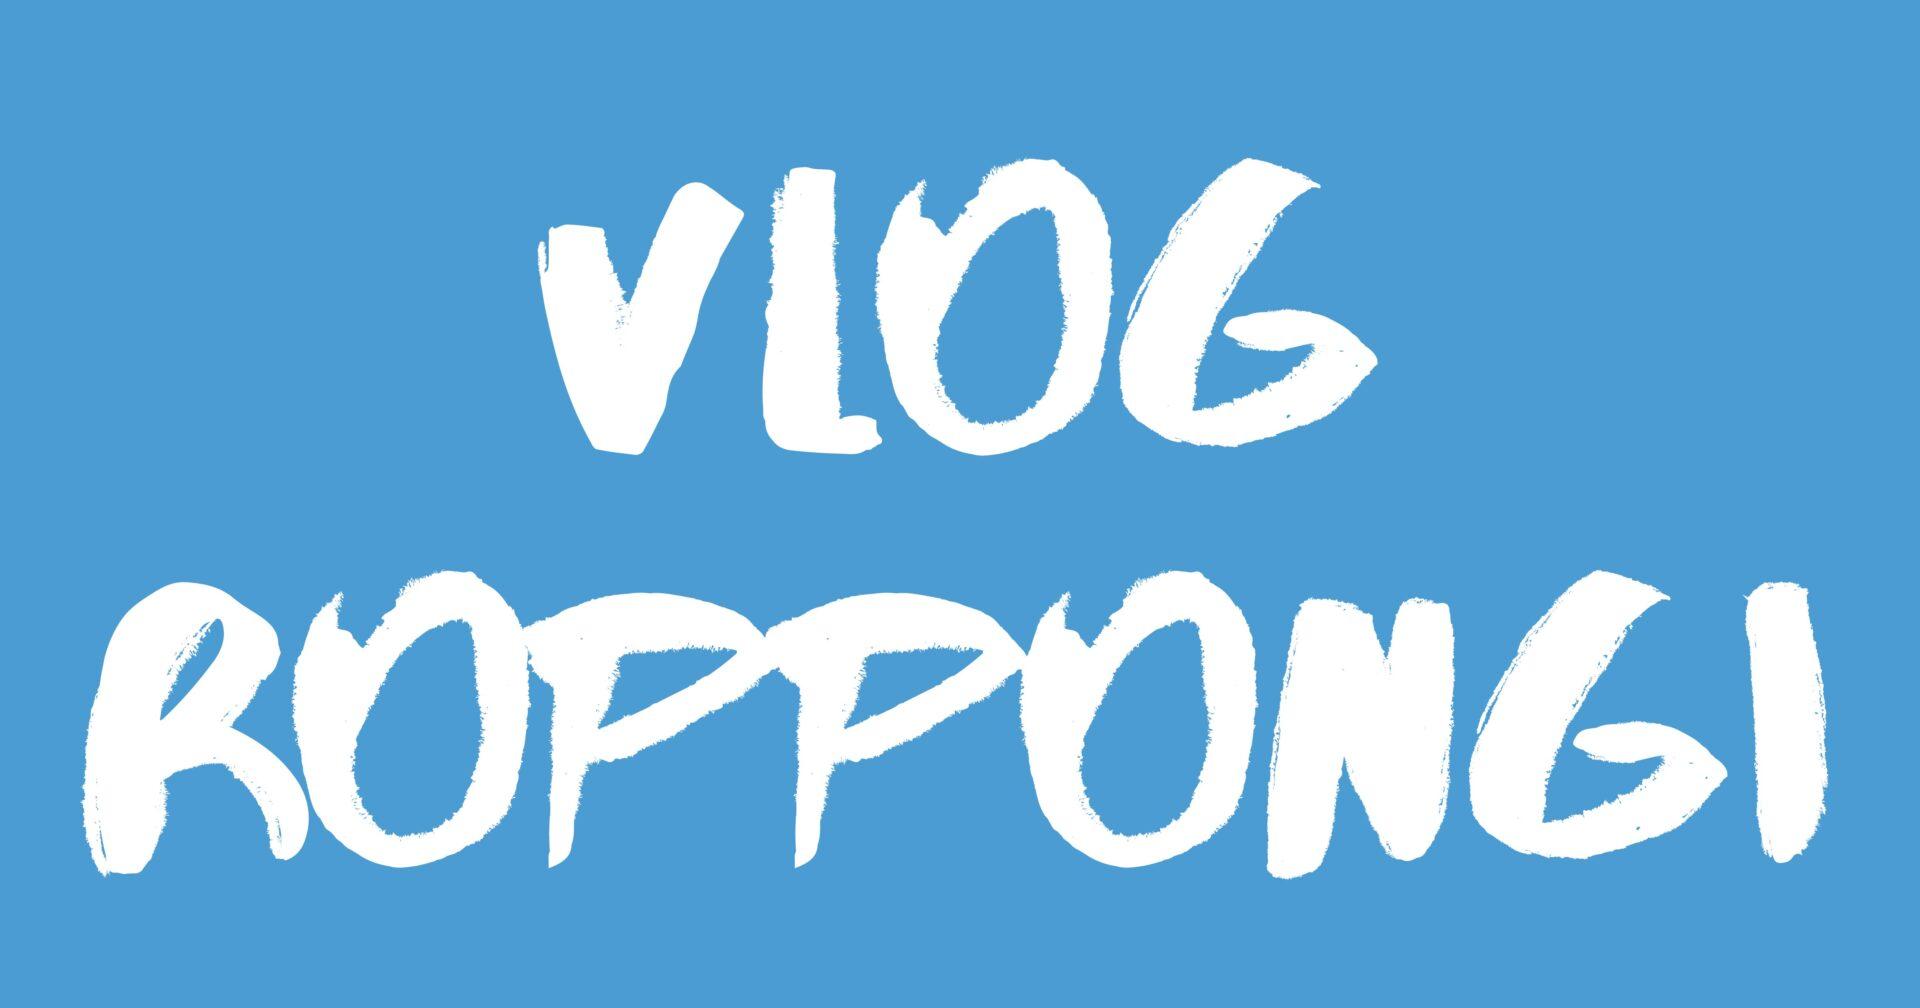 [Vlog] 六本木 / Roppongi